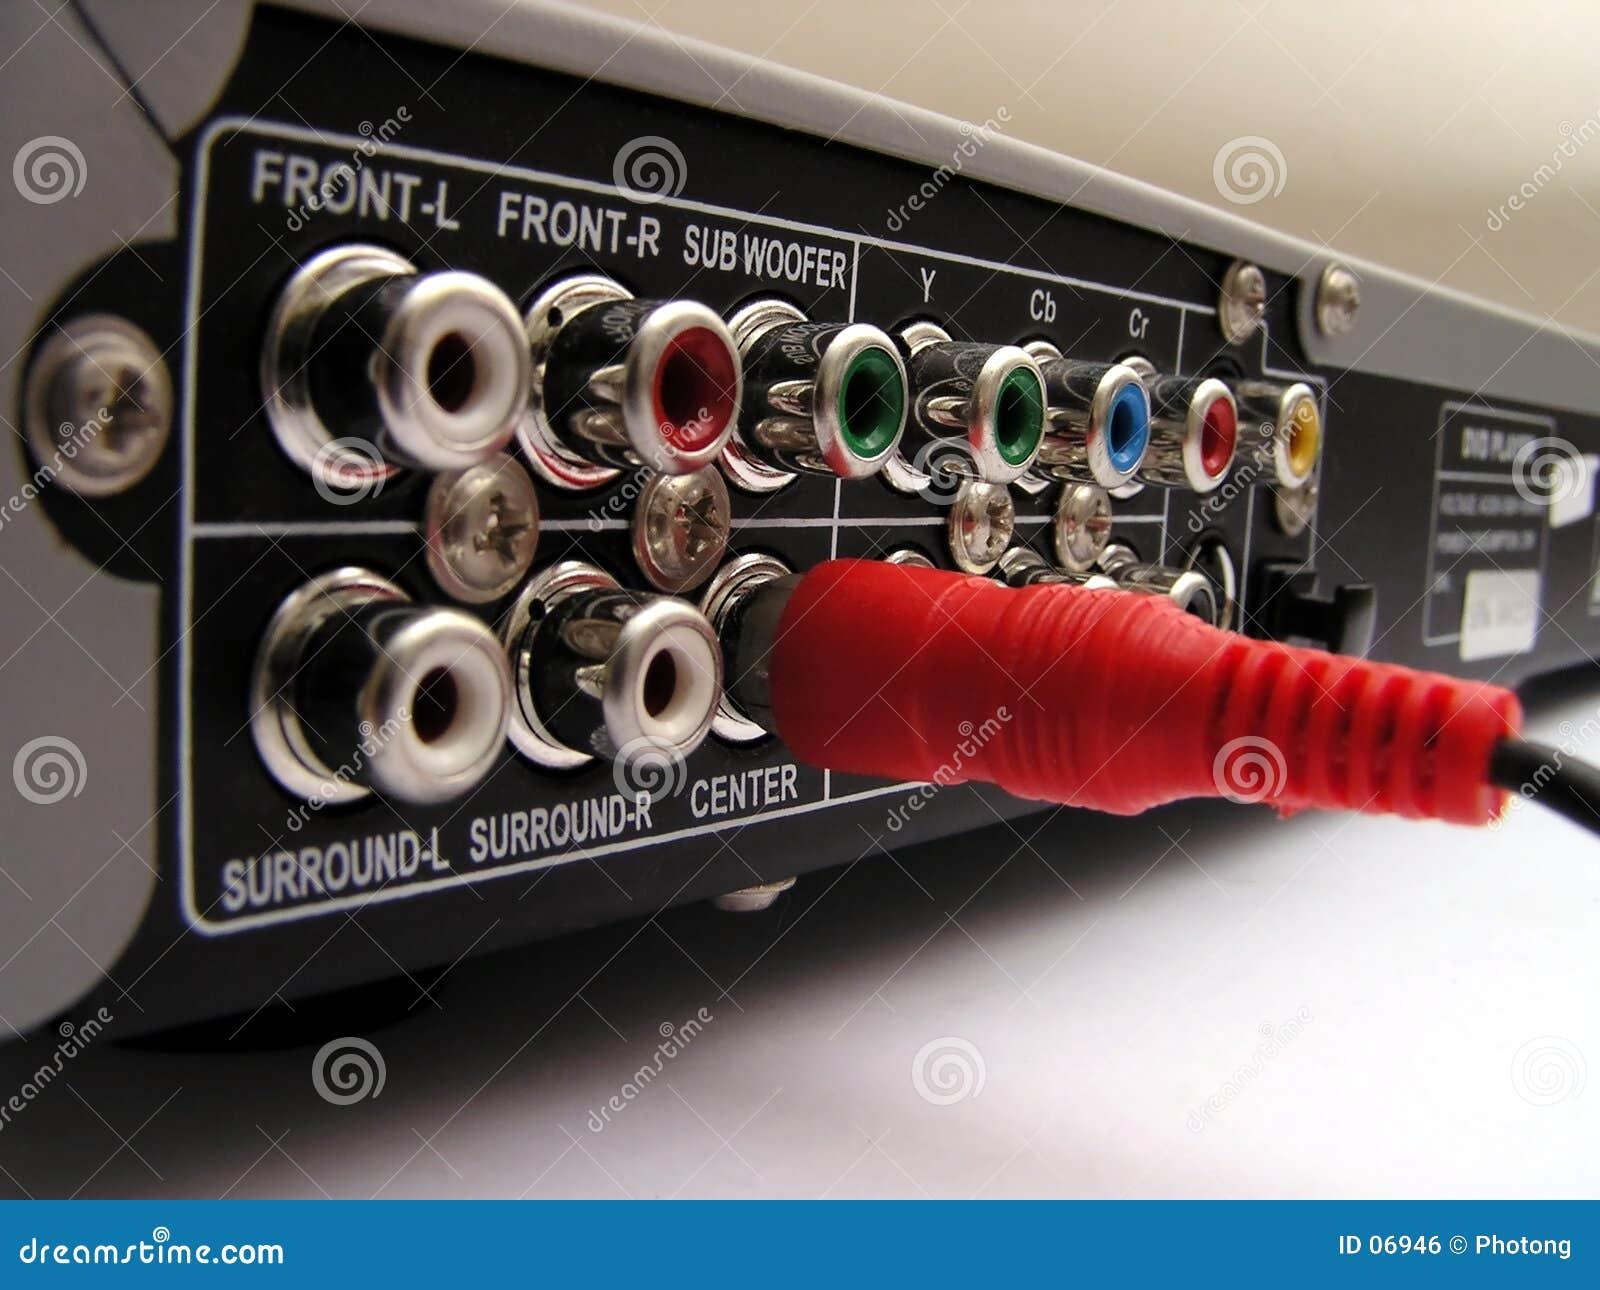 Plugged in - lone plug